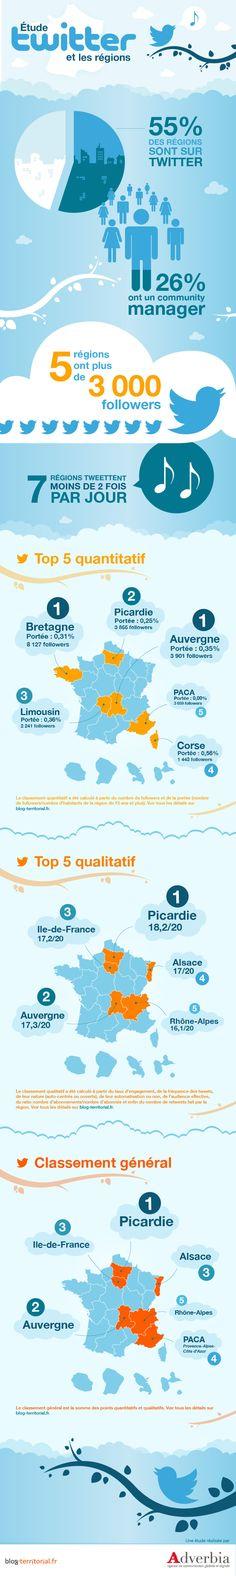 L'utilisation de Twitter par les régions en une infographie ! C'est le 2e volet de notre grande enquête sur les collectivités et les réseaux sociaux. #compublique #socialmedia